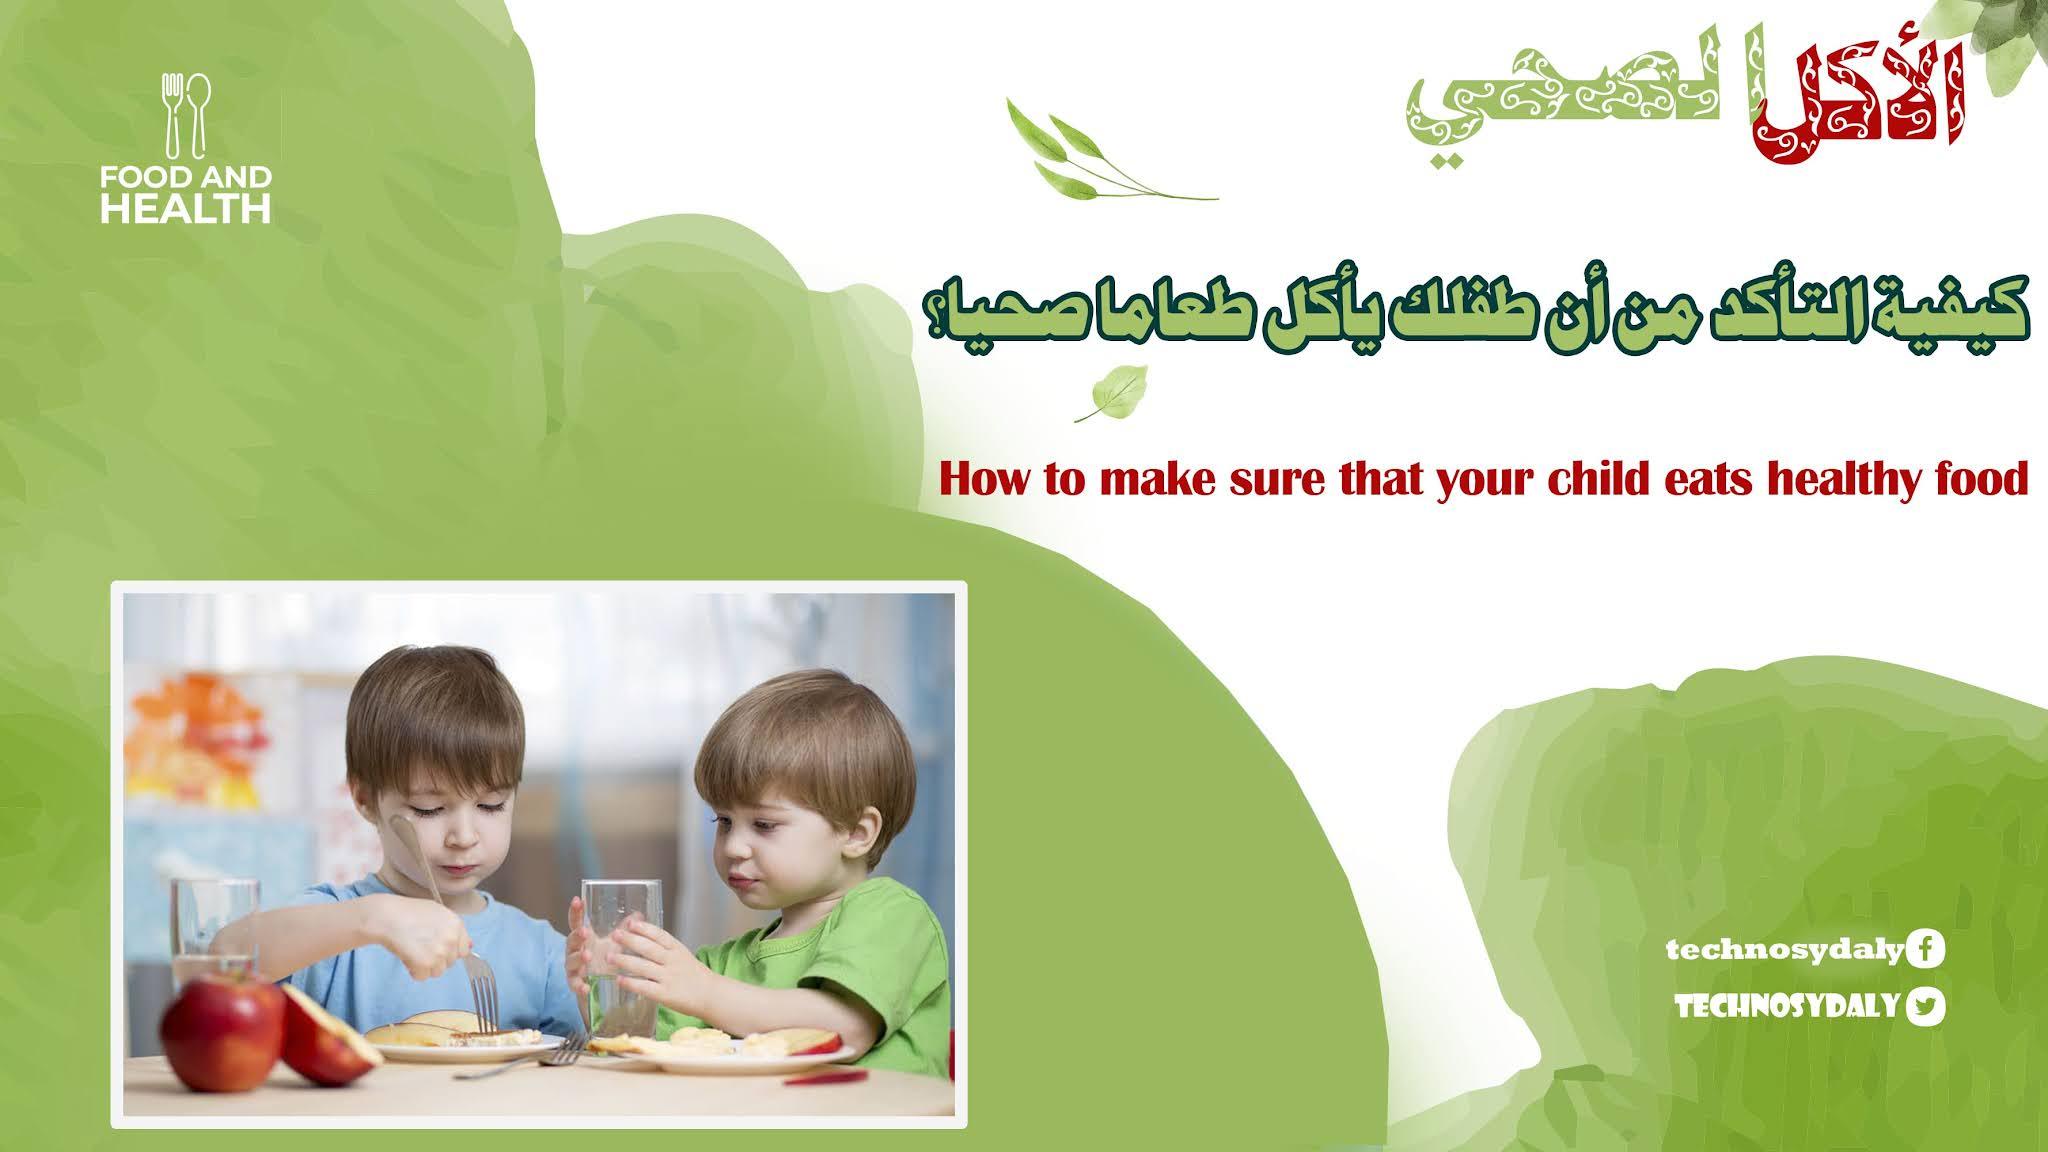 كيفية التأكد من أن طفلك يأكل طعاما صحيا؟ How to make sure that your child eats healthy food